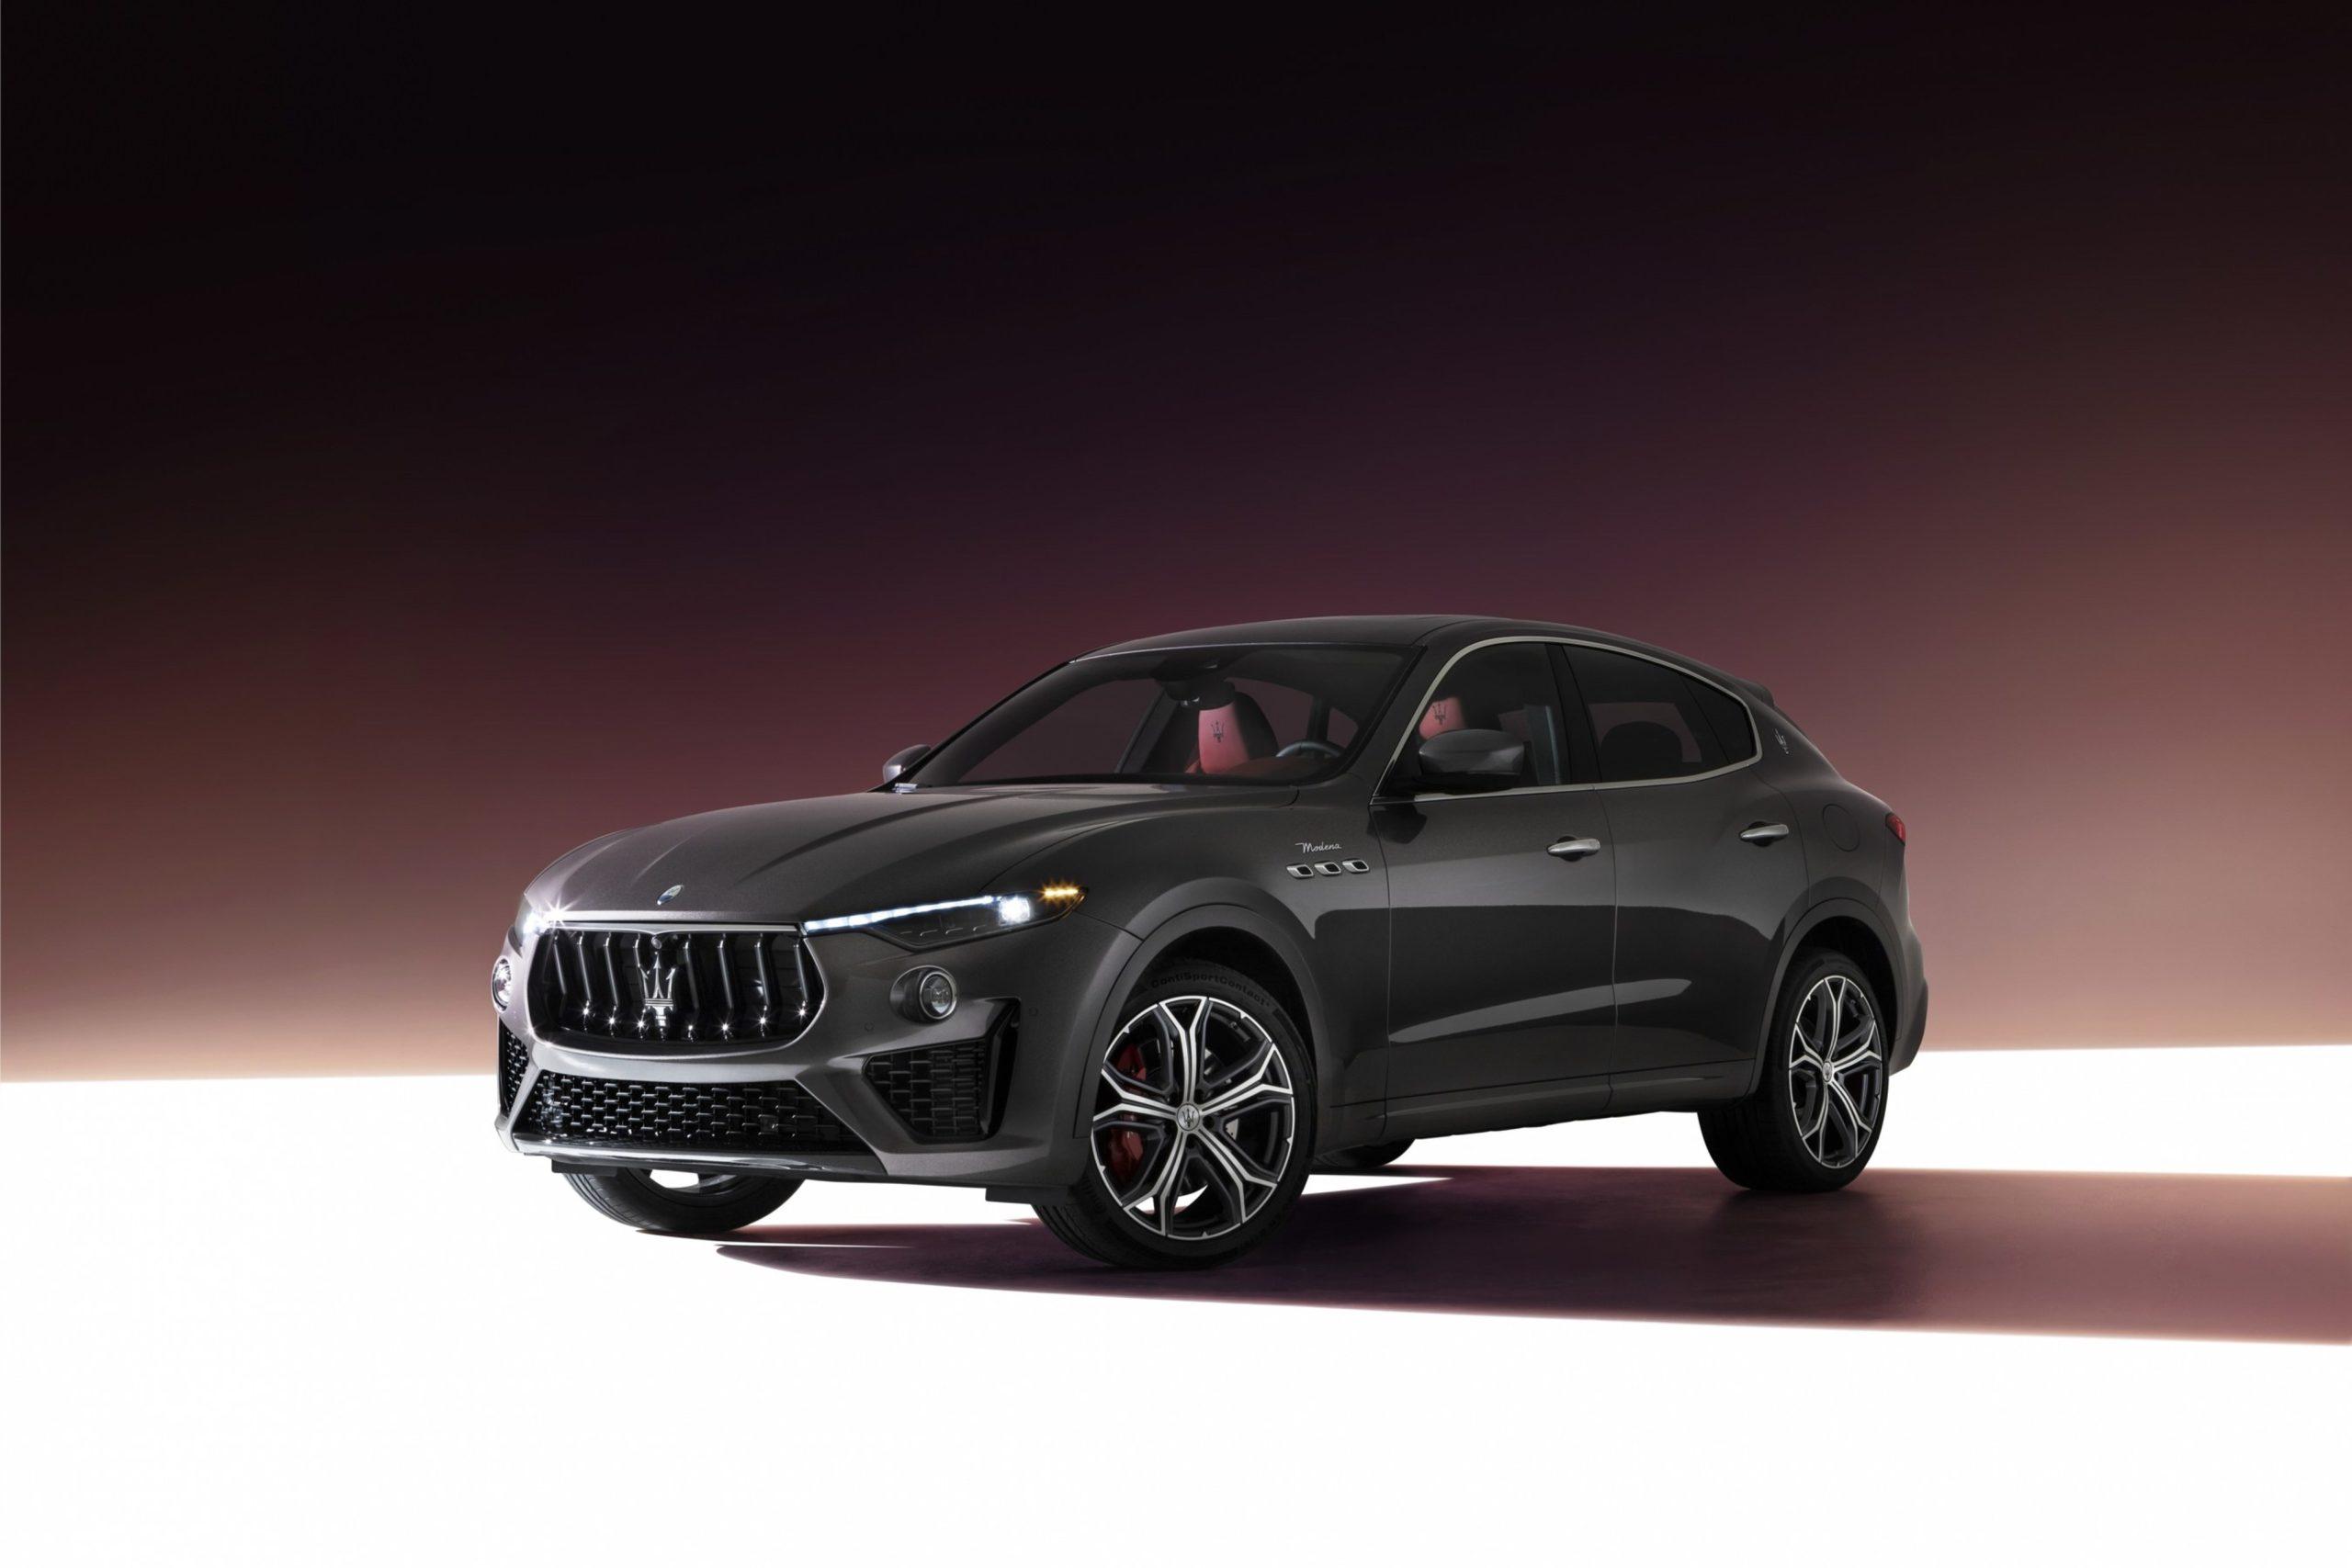 New Maserati Levante Modena Model Year 2022